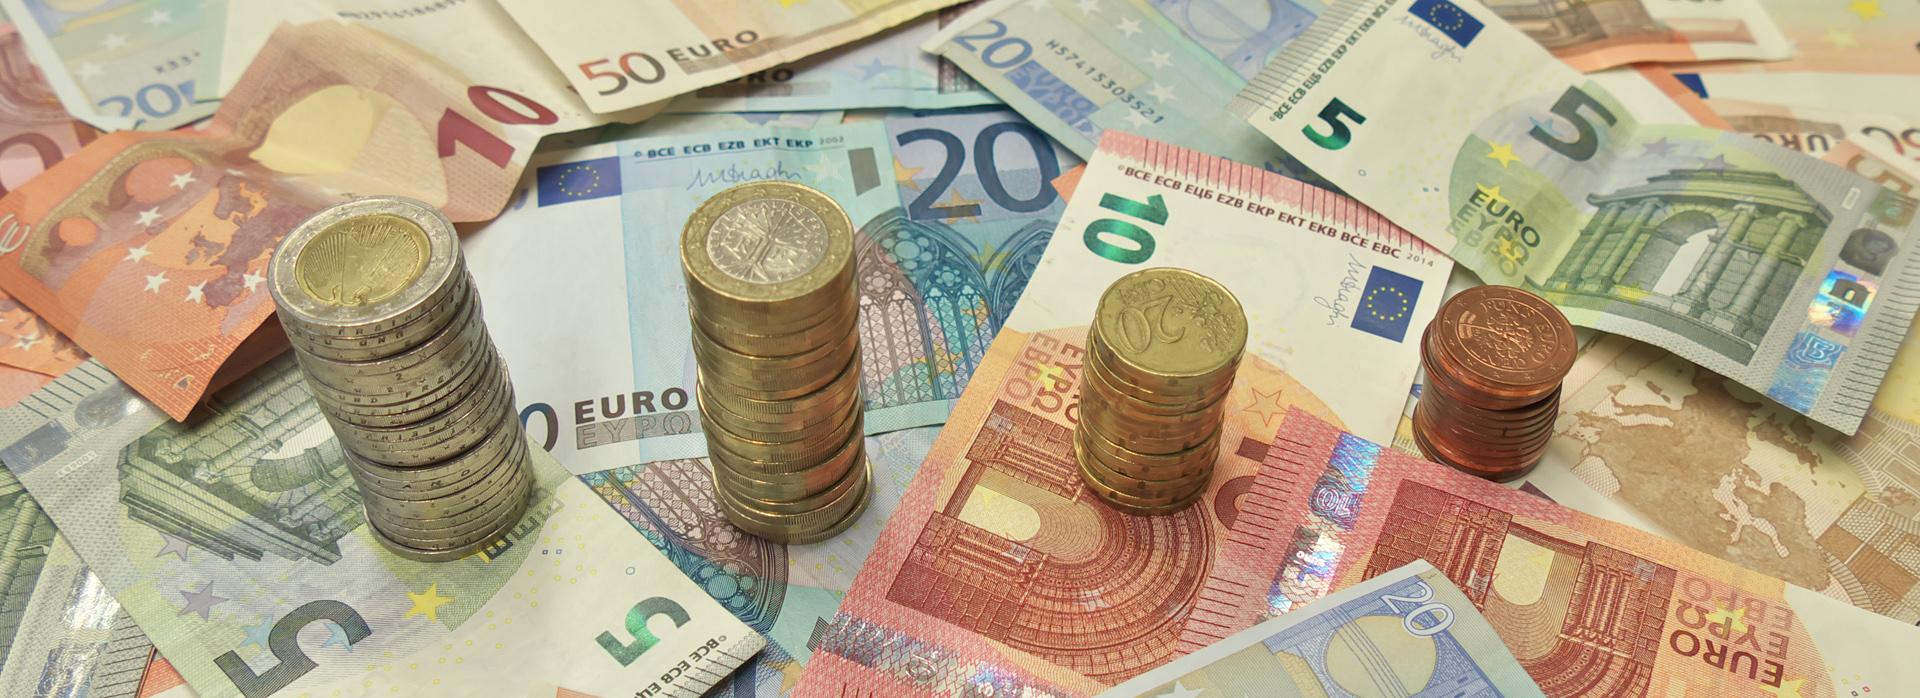 Finanzen - Geld